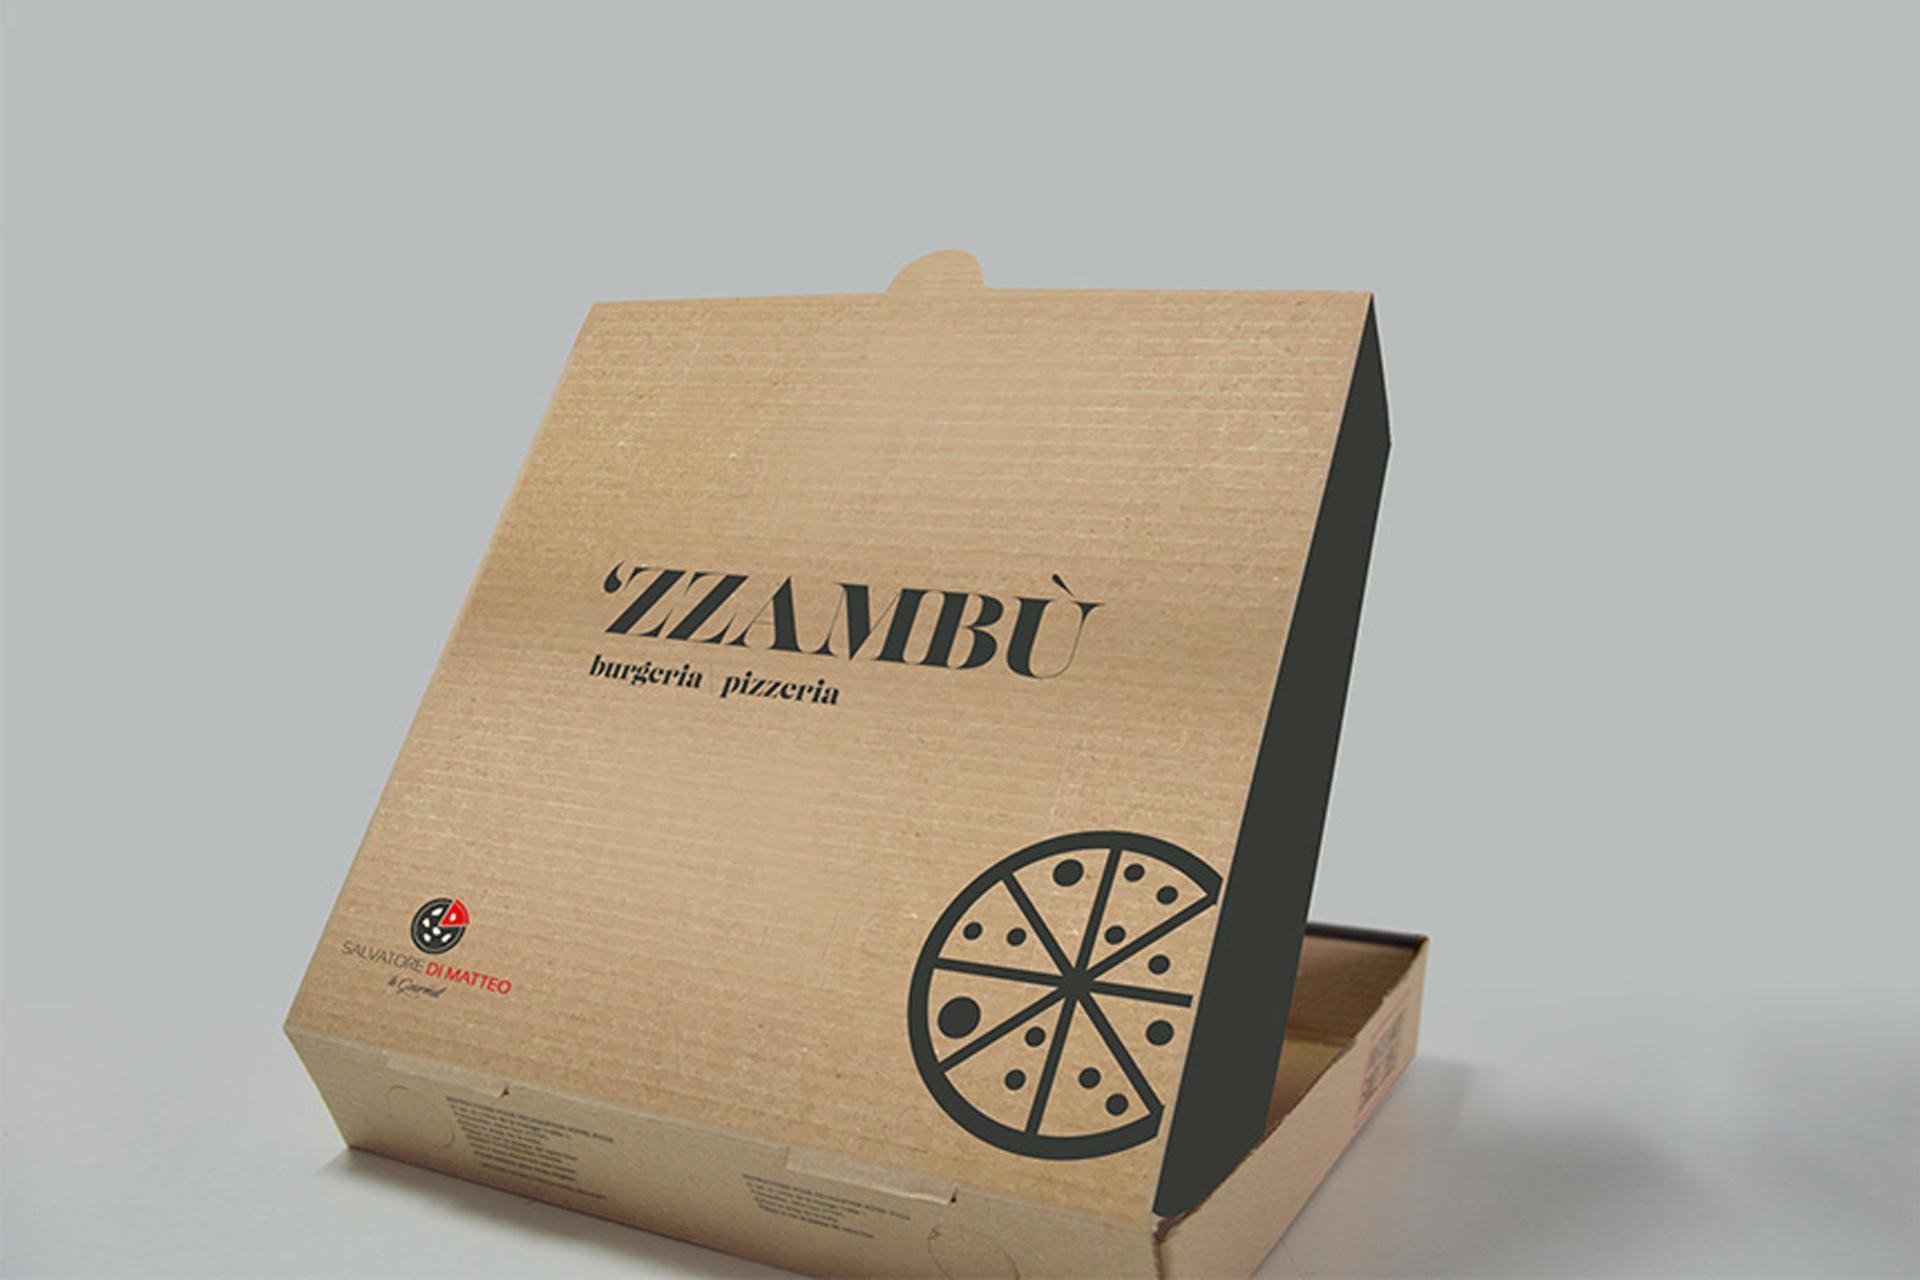 Porta pizza grafica e realizzazione prodotti food